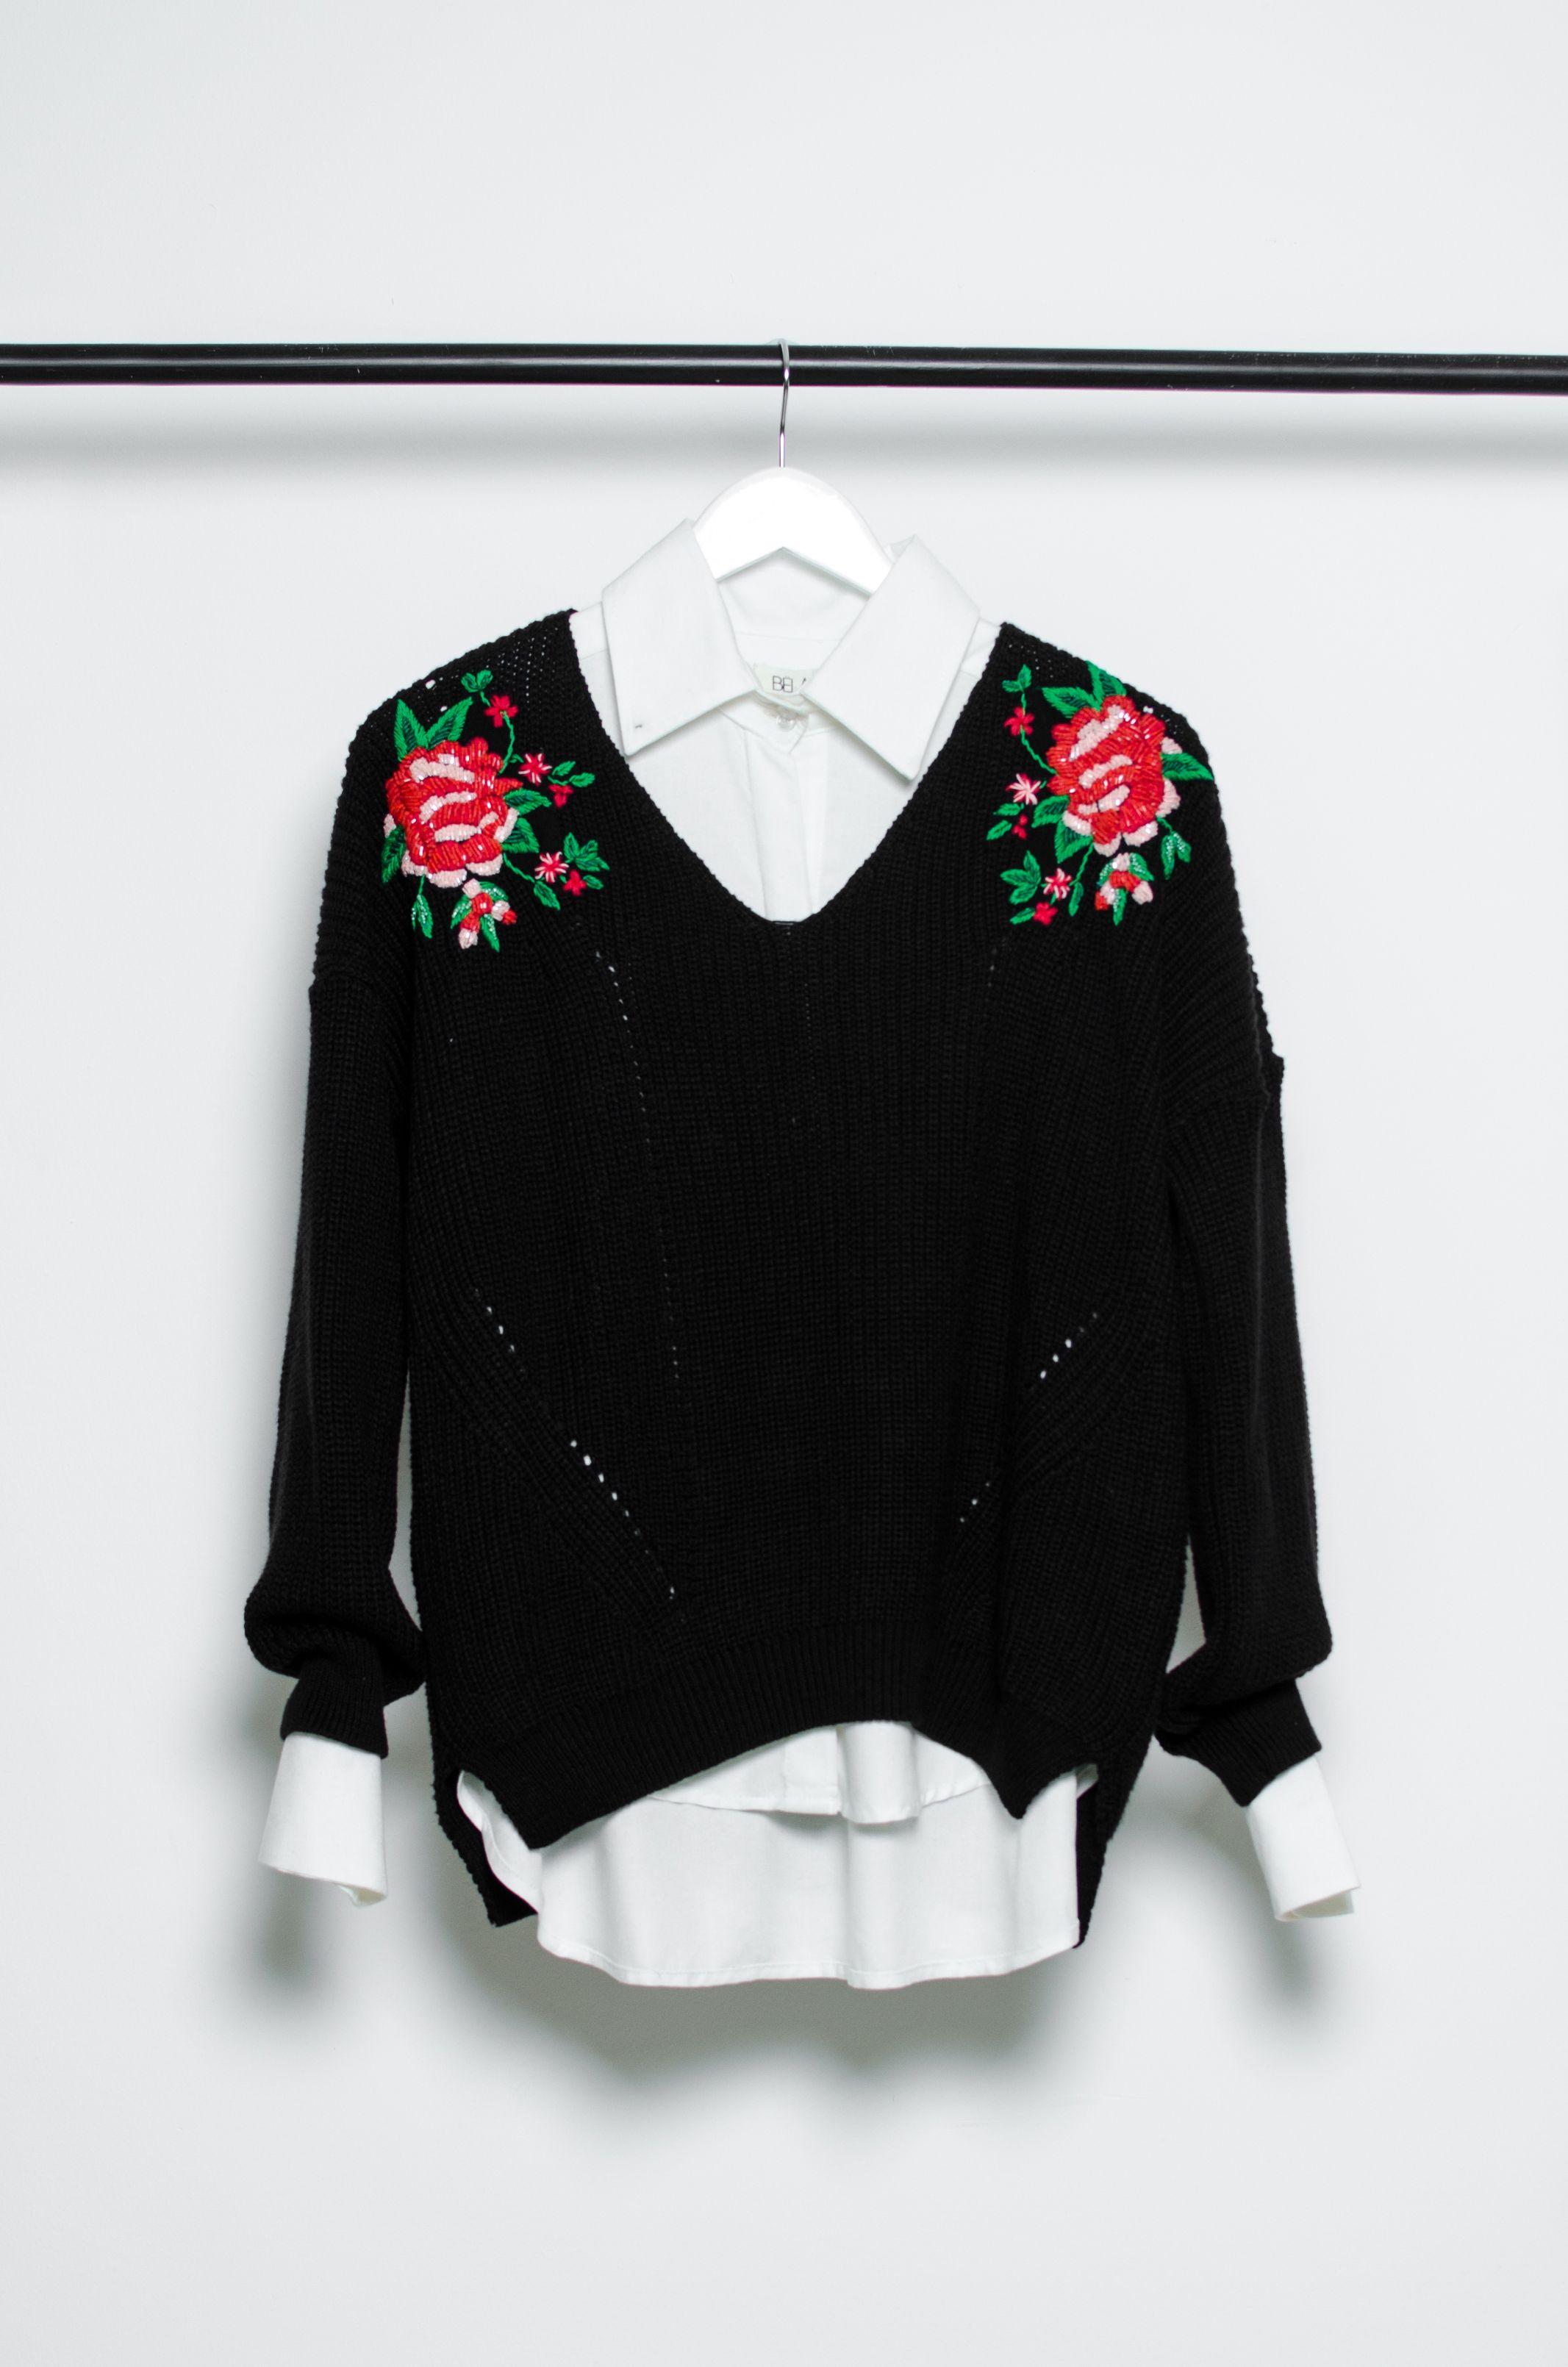 49e53254c7063 Sweater Negro con Flores.  Bordado  Flores  Black